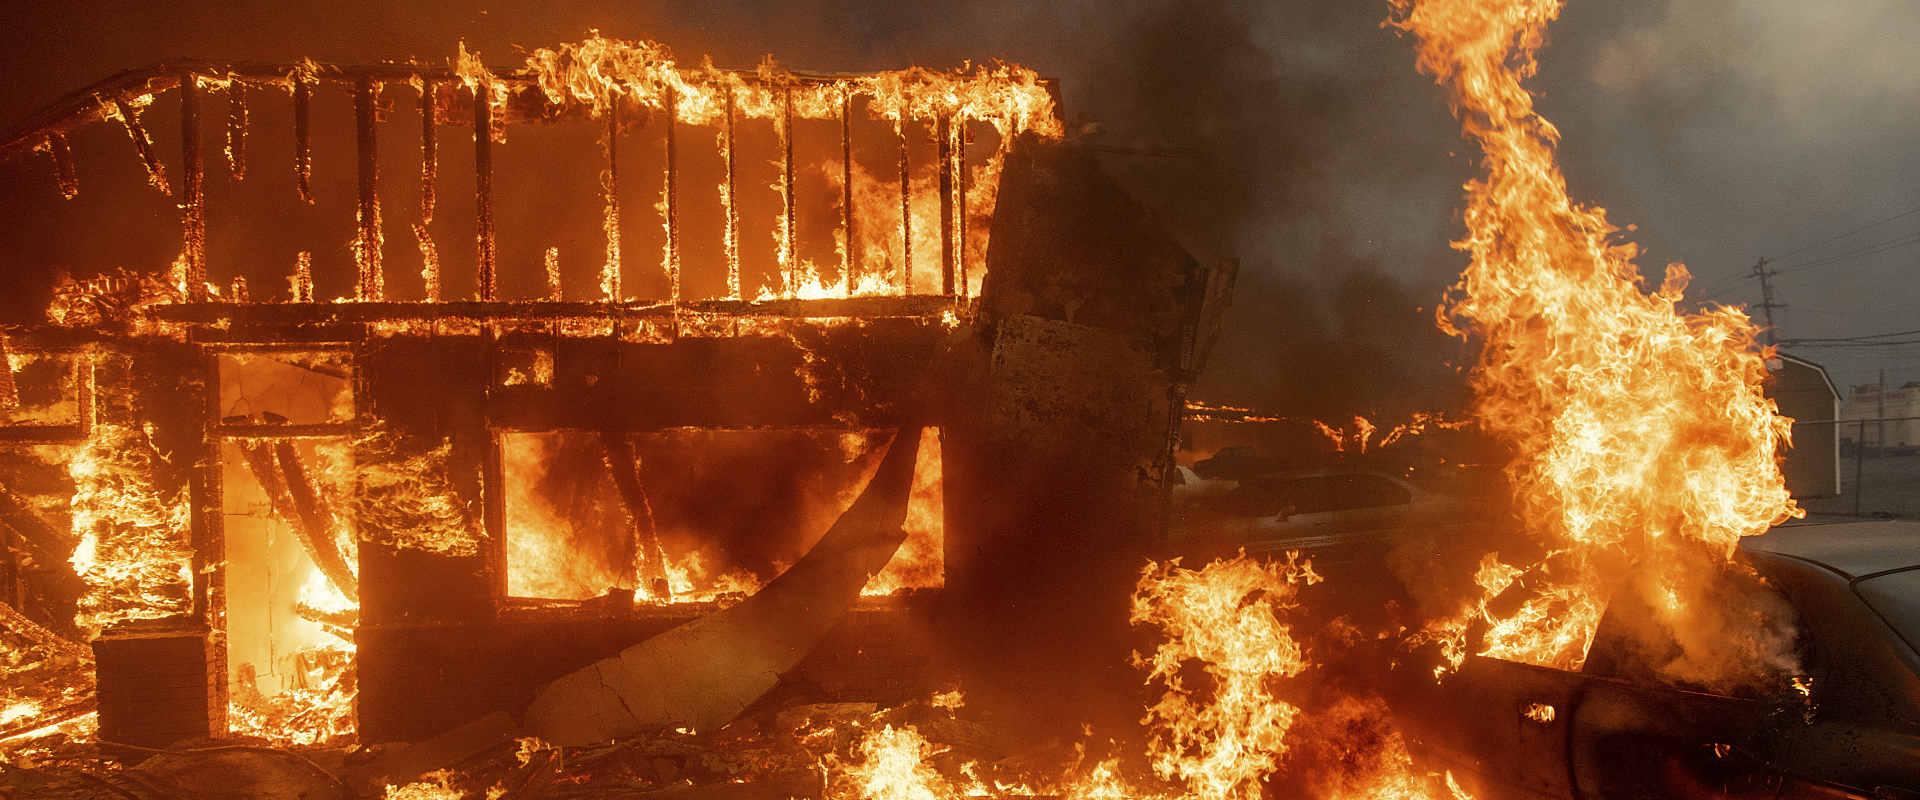 השריפה בקליפורניה, הלילה